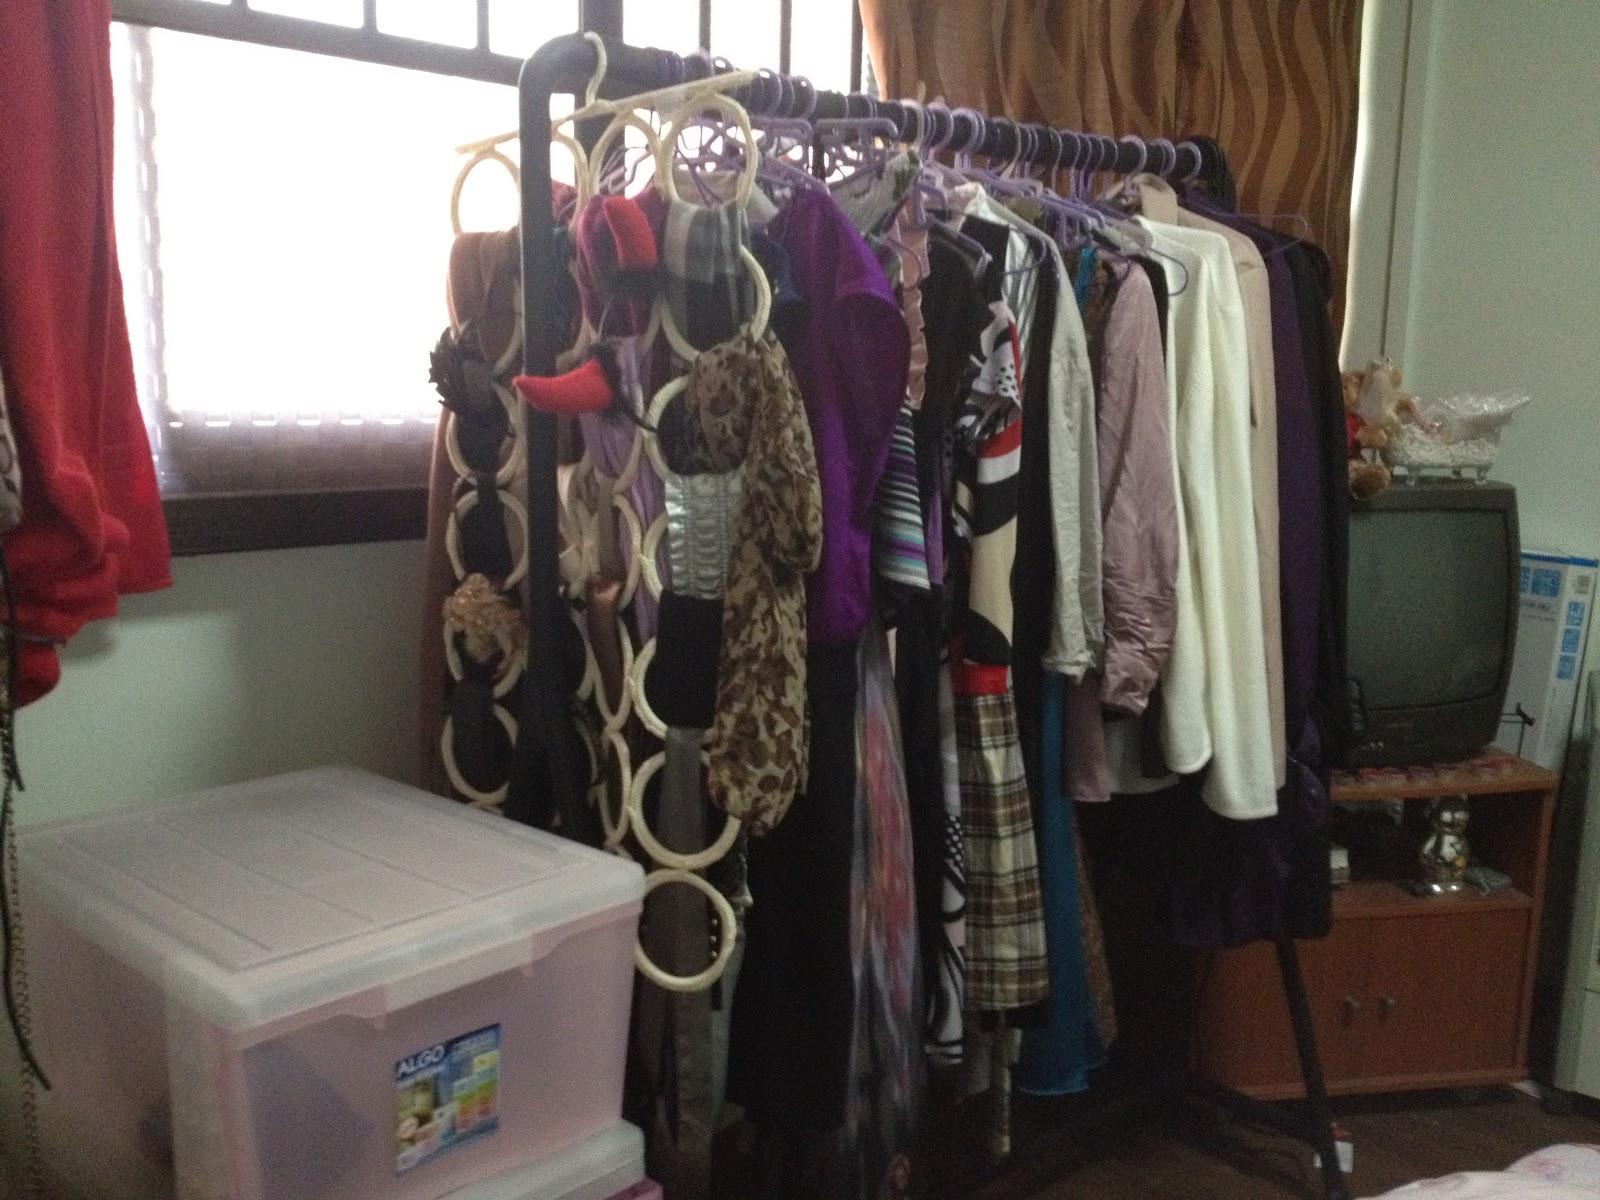 http://4.bp.blogspot.com/-9nlUdXqoUL8/T1yVQbE2mXI/AAAAAAAAHlo/ANNEaAyebEE/s1600/IMG_1511.JPG